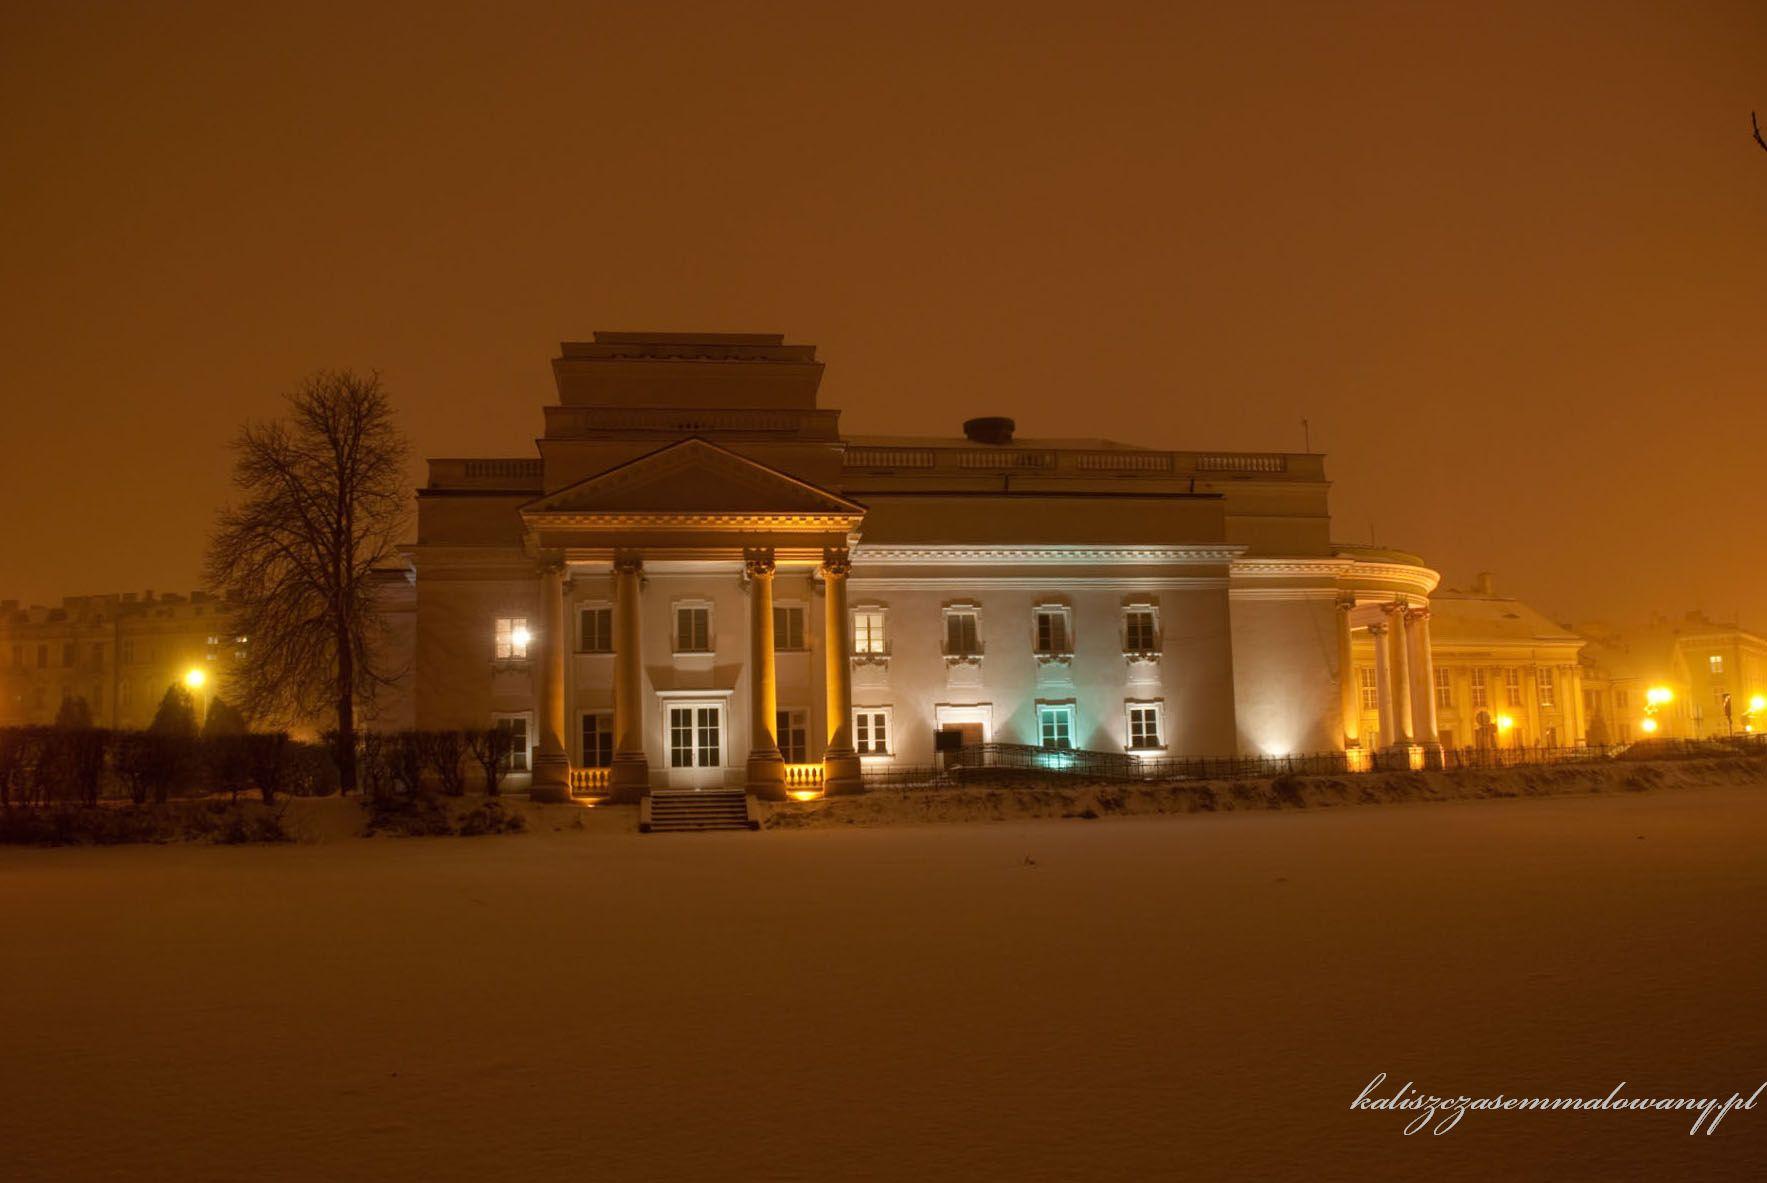 Kalisz teatr 11